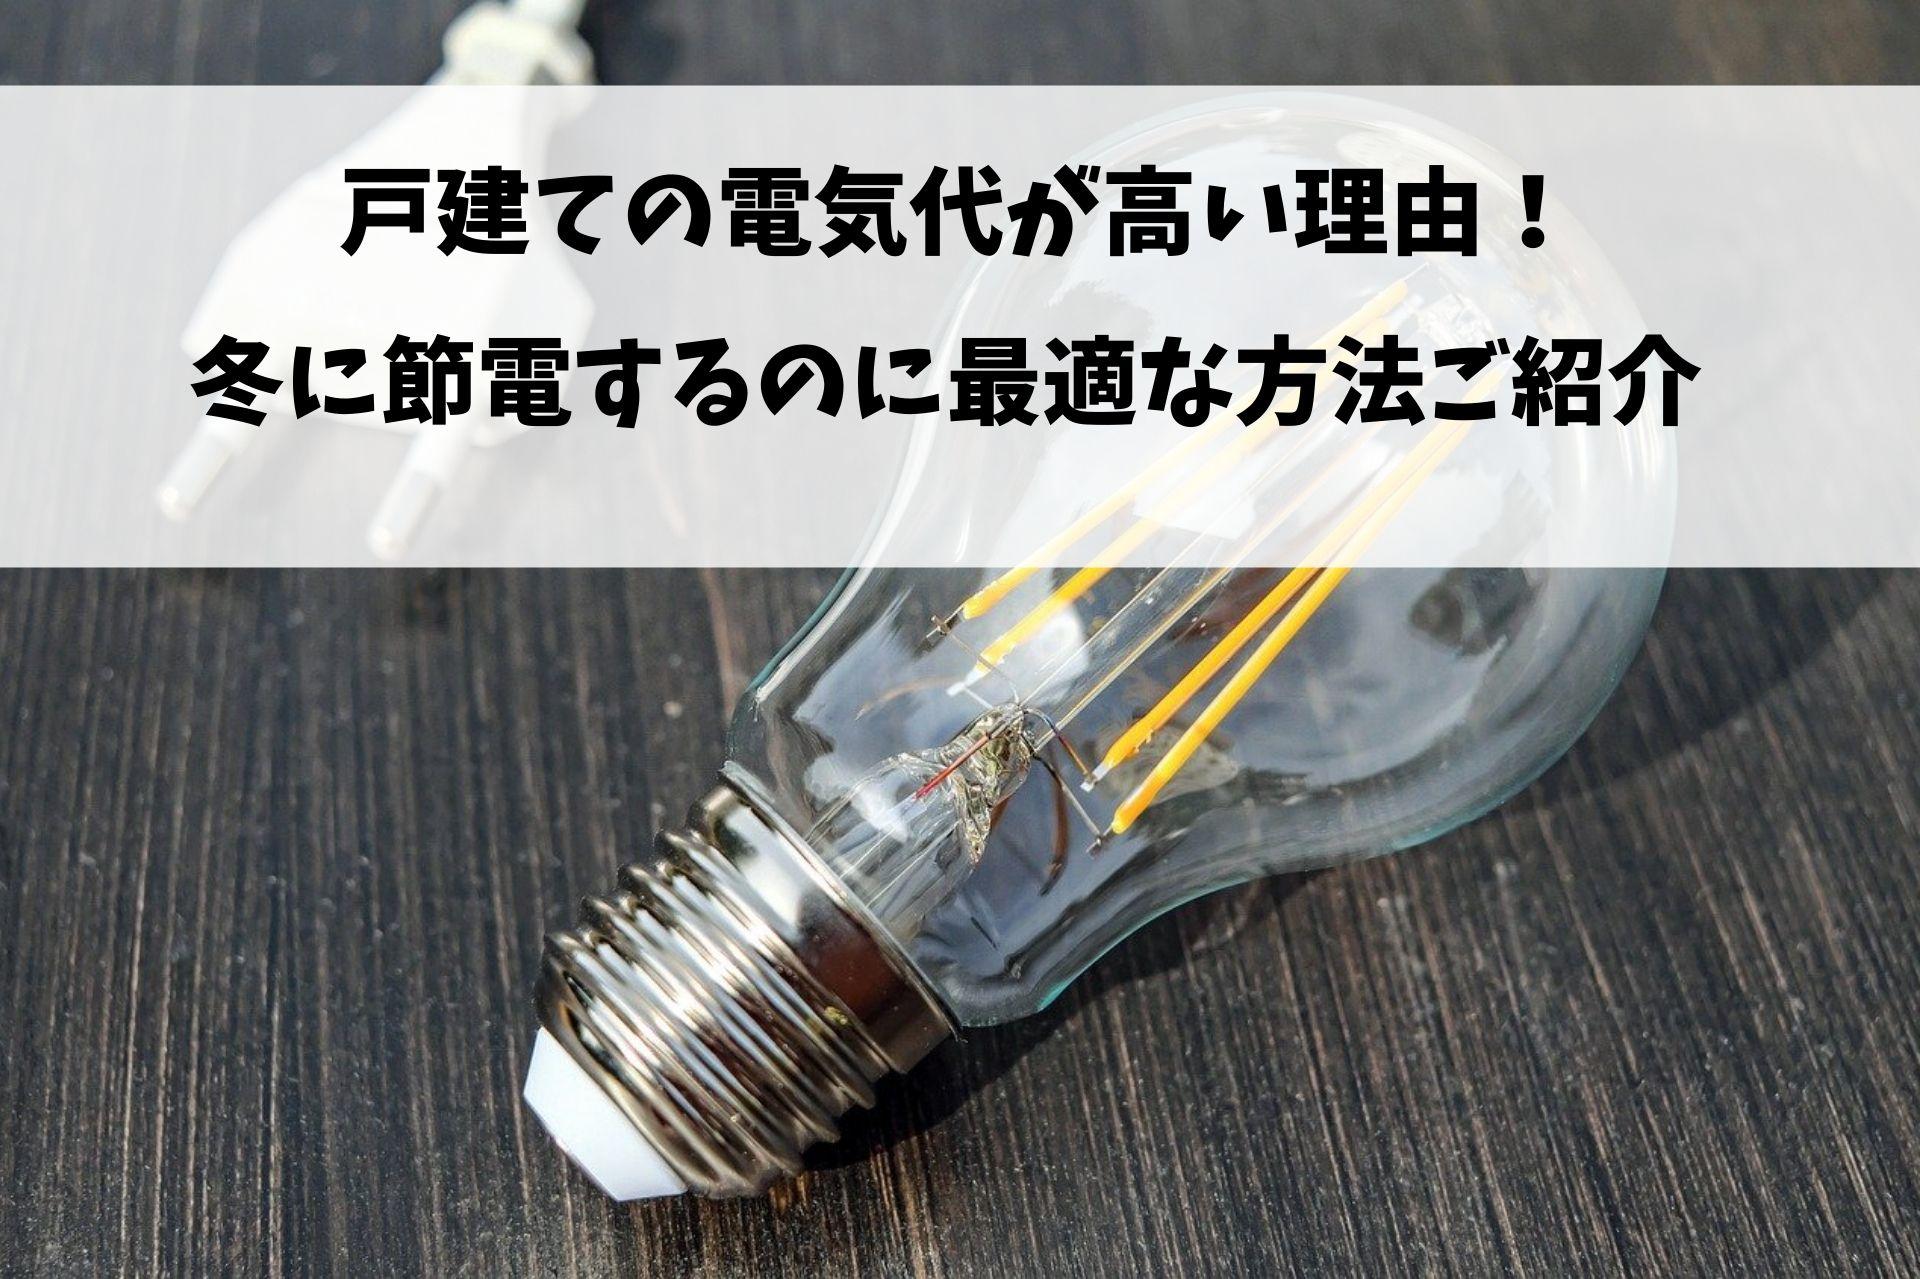 戸建ての電気代が高い理由!冬に節電するのに最適な方法ご紹介